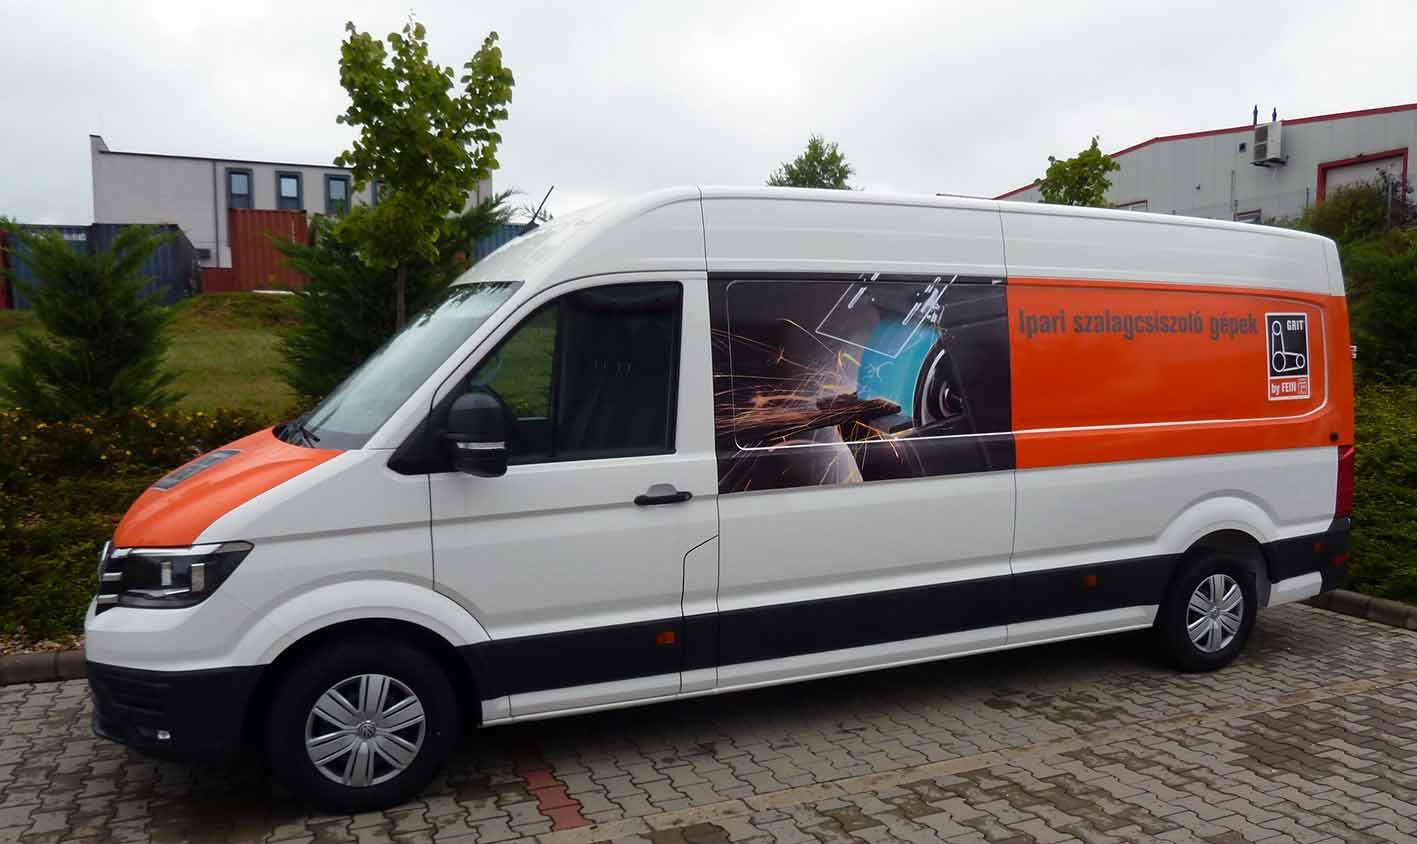 Az ipari szalagcsiszolás profi gépei: GRIT termékek, most ajándékkal